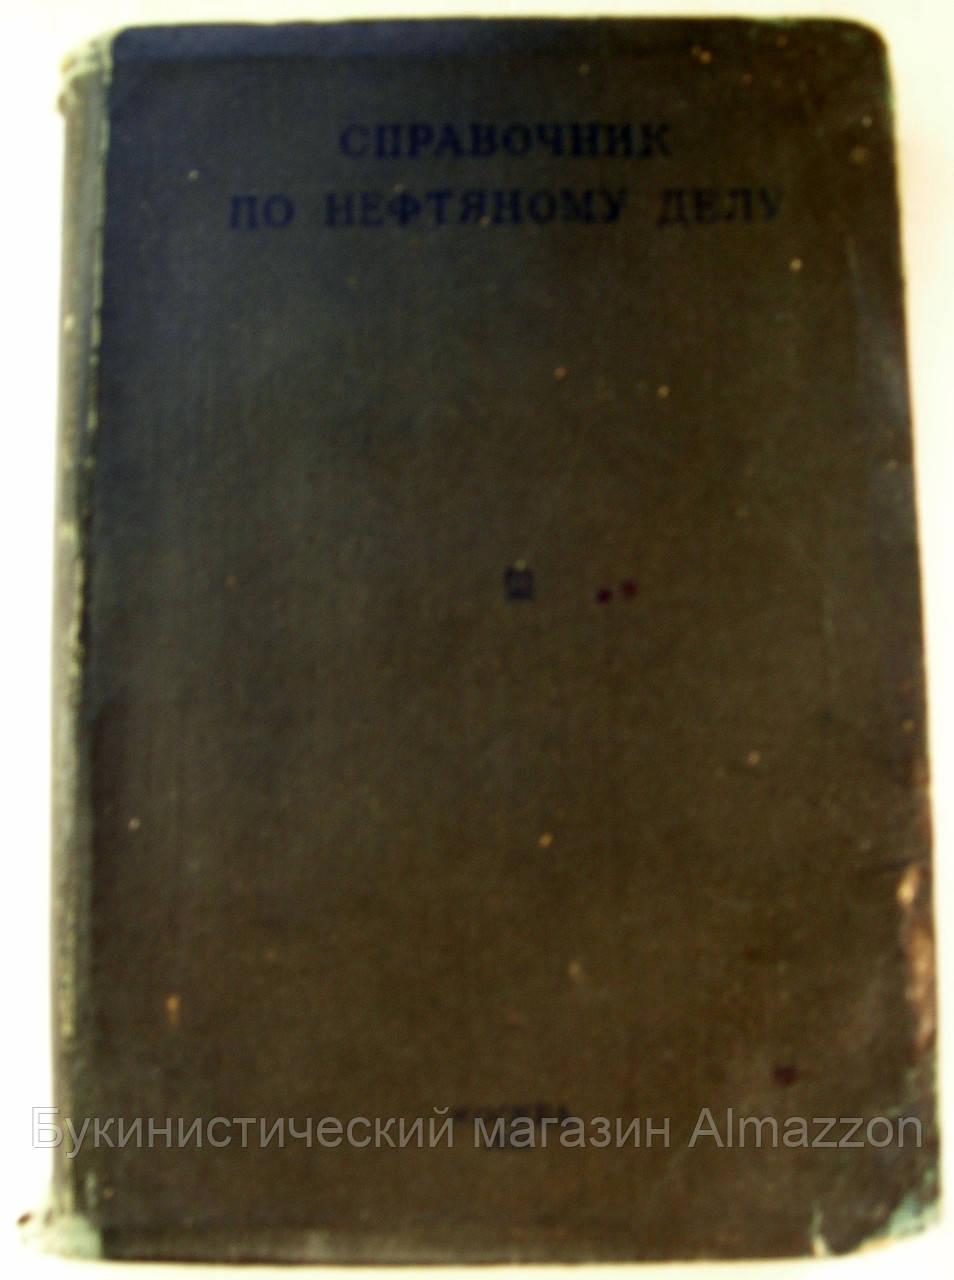 Справочник по нефтяному делу. 1925 год. Часть 3-я